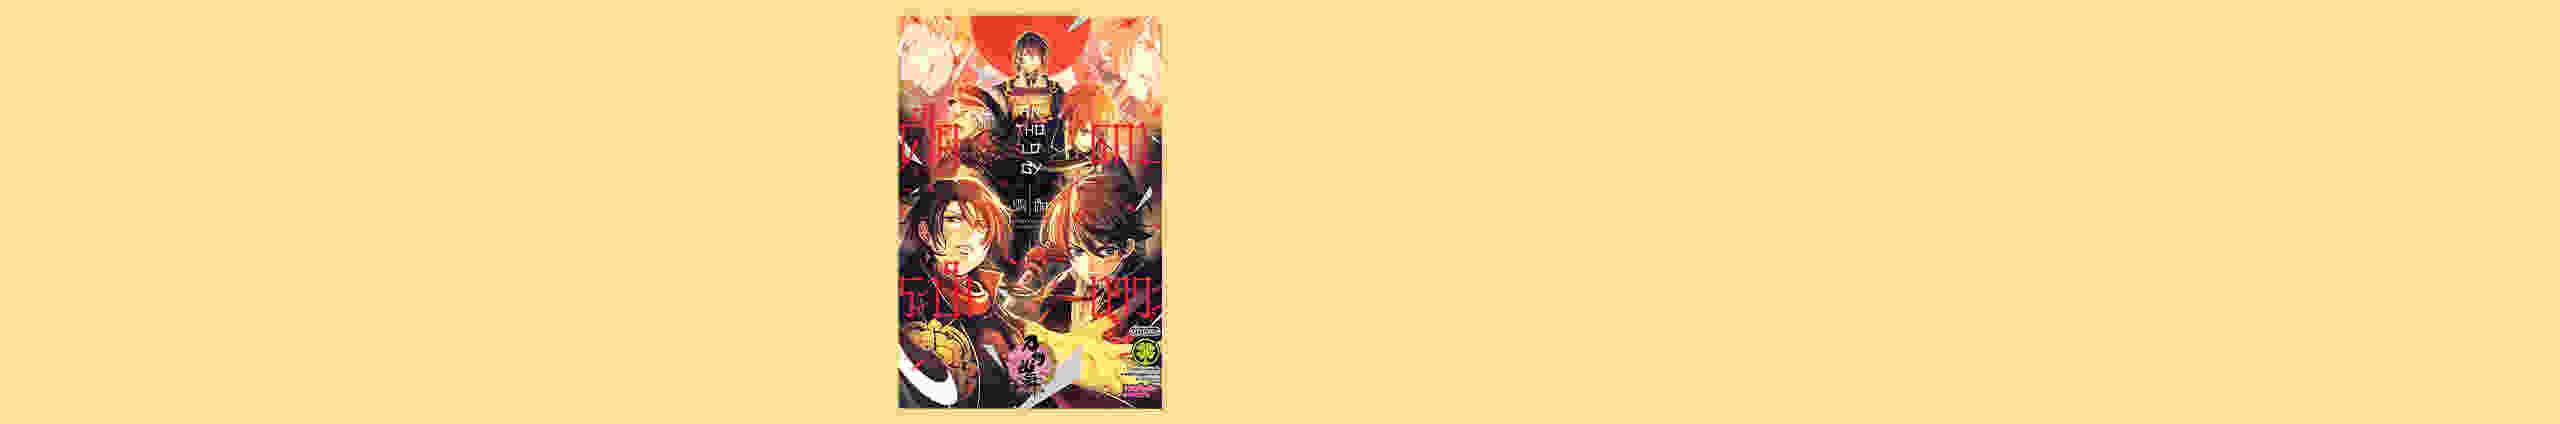 ศึกระบำดาบเทวะ -ONLINE- Anthology (ยุทธการศึก)